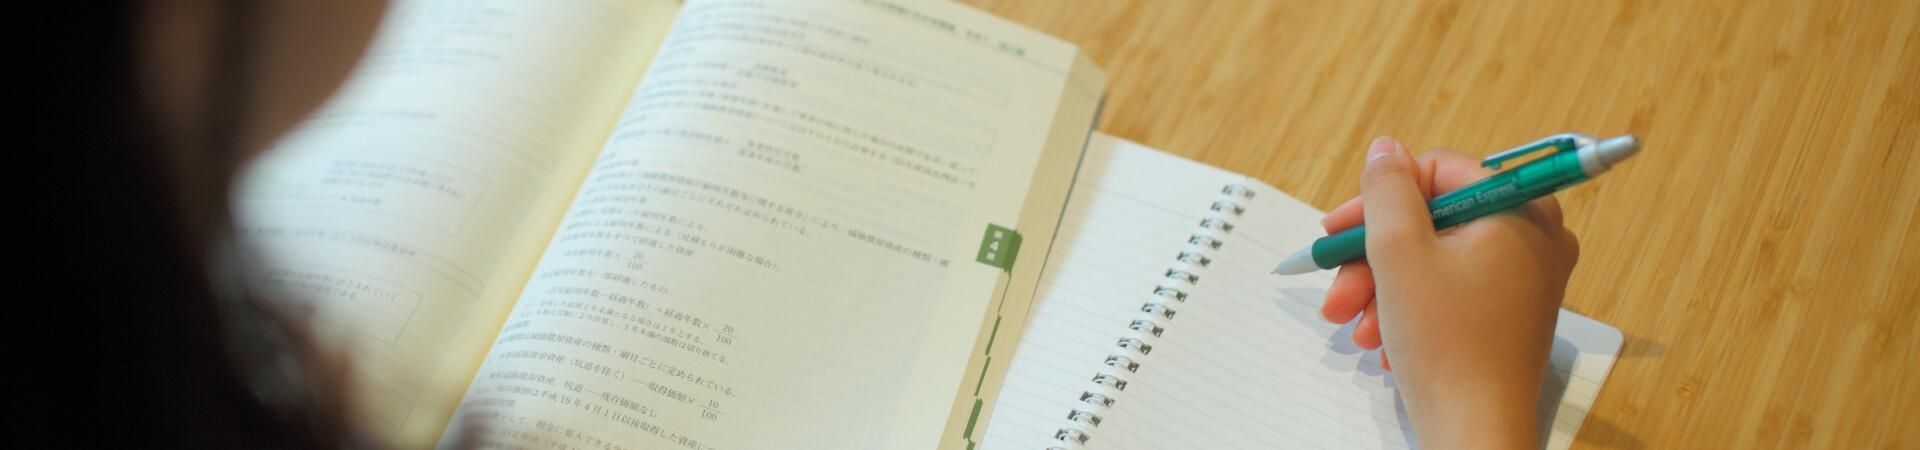 合格 松山 発表 大学